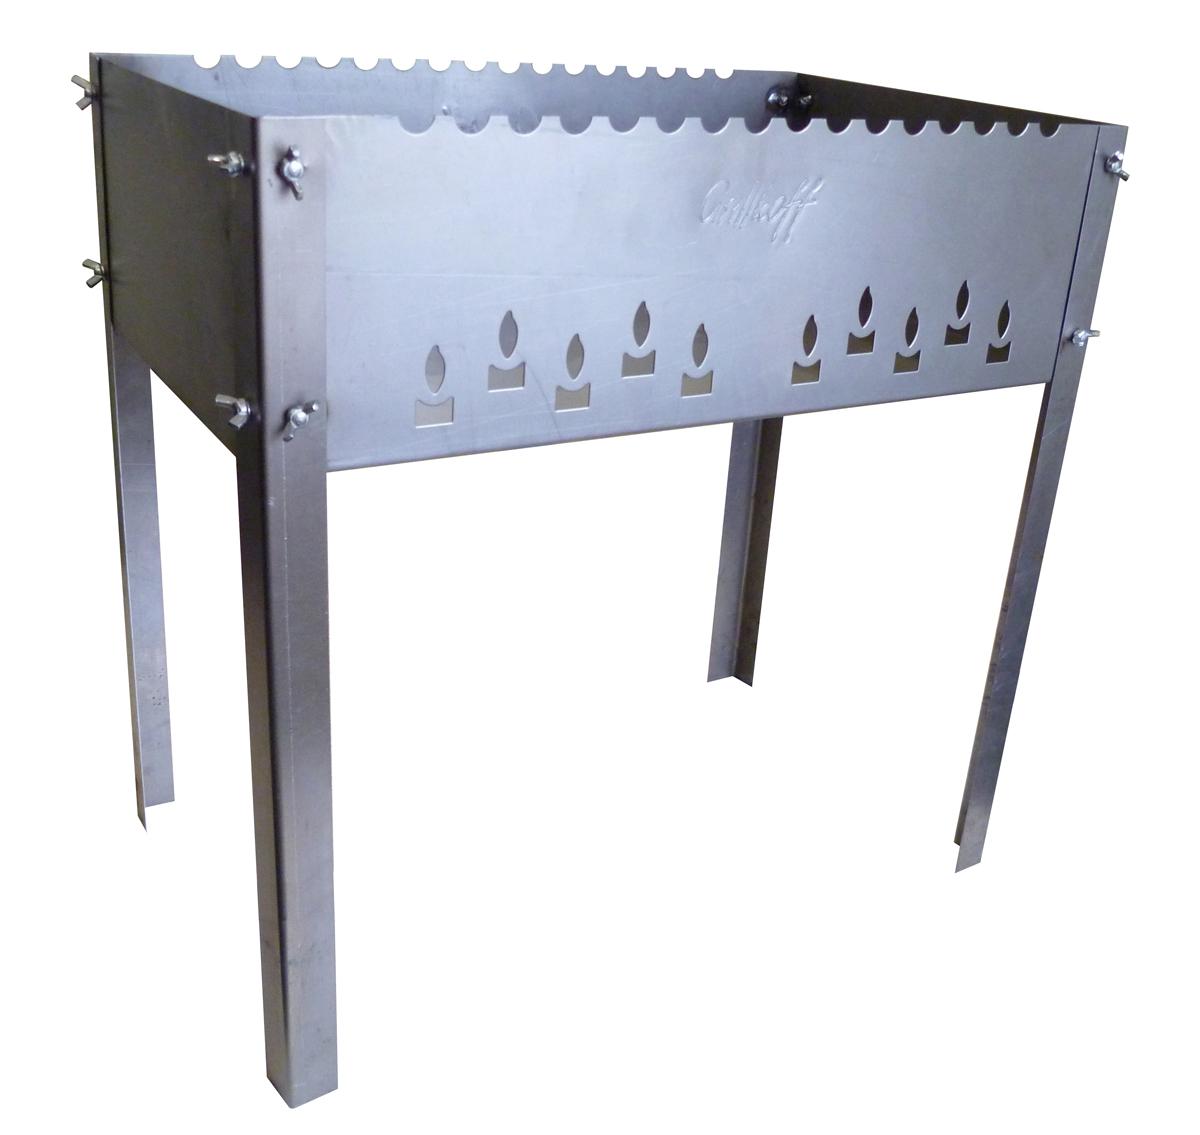 Мангал Grillkoff Max, с 6 шампурами, в сумке, 50 х 30 х 50 см249Мангал Grillkoff Max выполнен из высококачественной стали. С барашками, с волной. Мангал без усилий собирается для применения. Конструкция позволяет с комфортом готовить на мангале.В комплекте 6 шампуров, выполненных из нержавеющей стали.Размер мангала (с учетом ножек): 50 х 30 х 50 см.Глубина мангала: 14,5 см.Толщина стали: 1,5 мм.Длина шампуров: 50 см.Толщина шампуров: 0,8 мм.